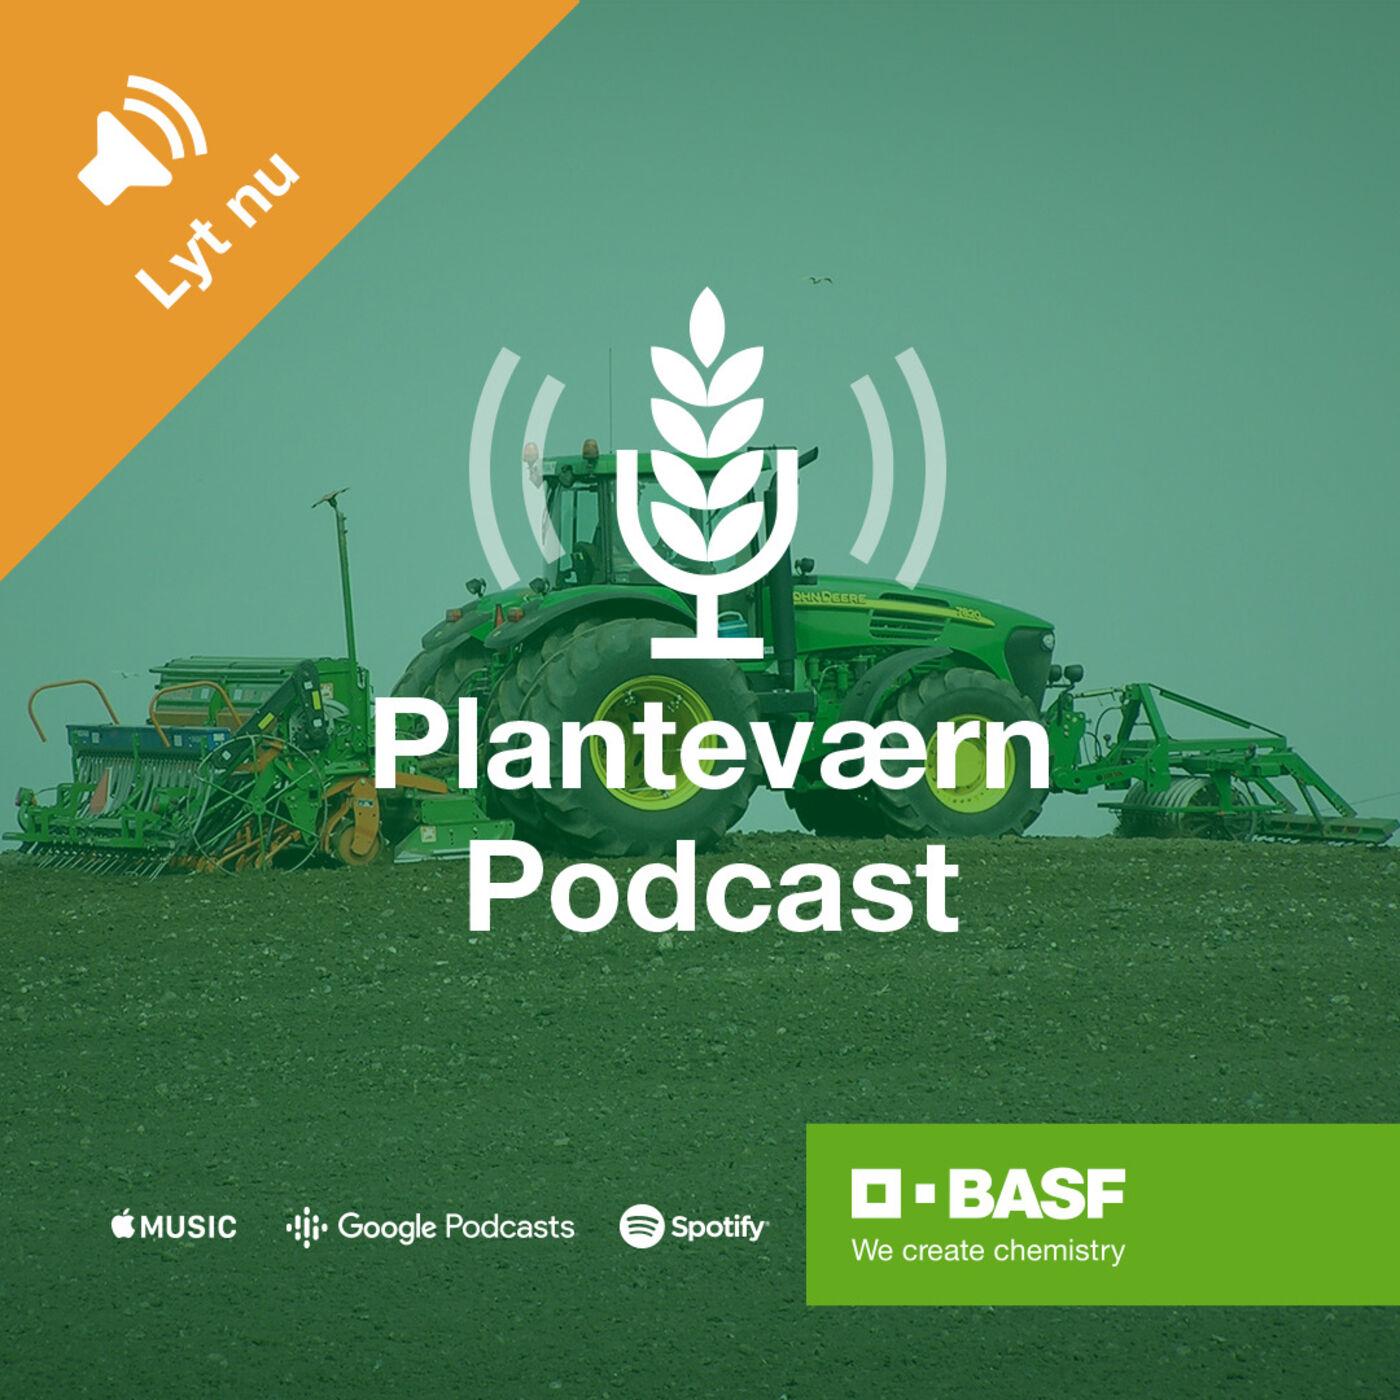 Planteværn S1 E6: Valg af rapssort med Dorthe Kappel og Søren Severin